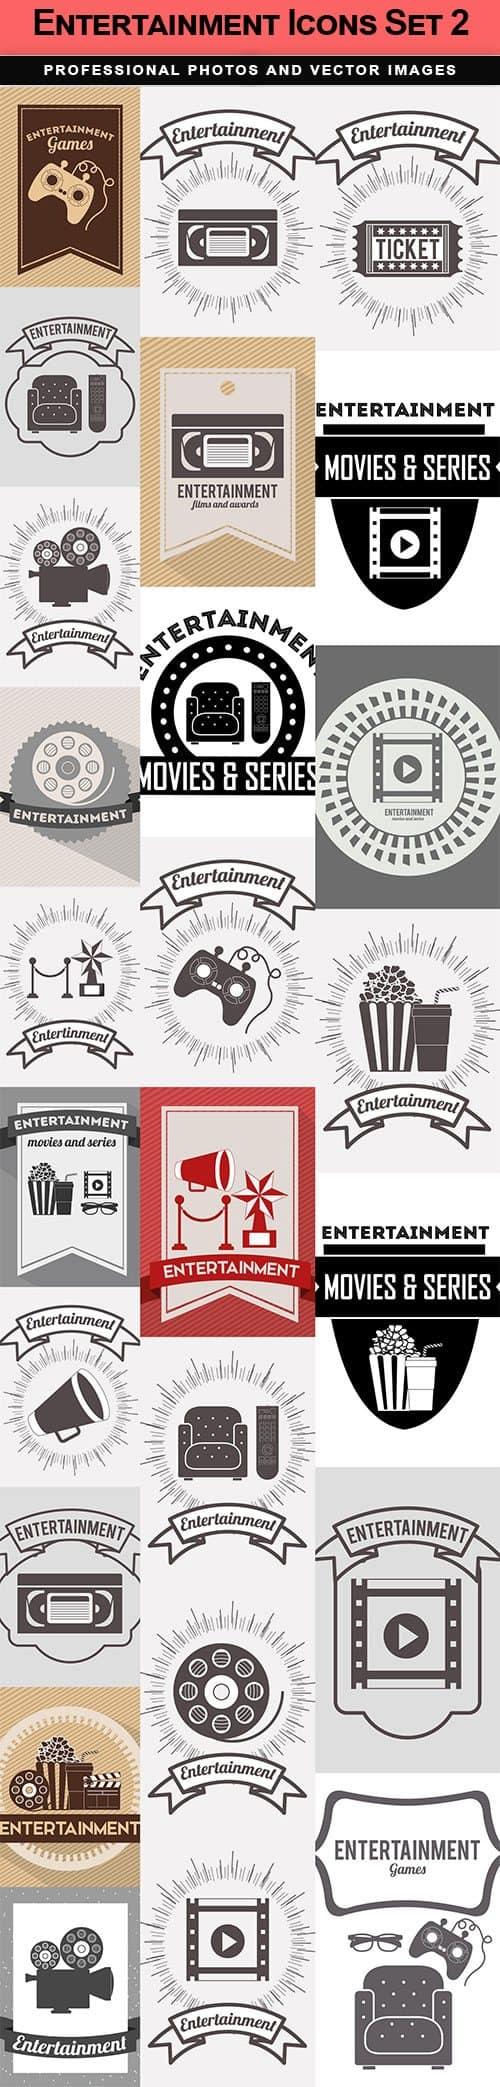 Entertainment Icons Set 2